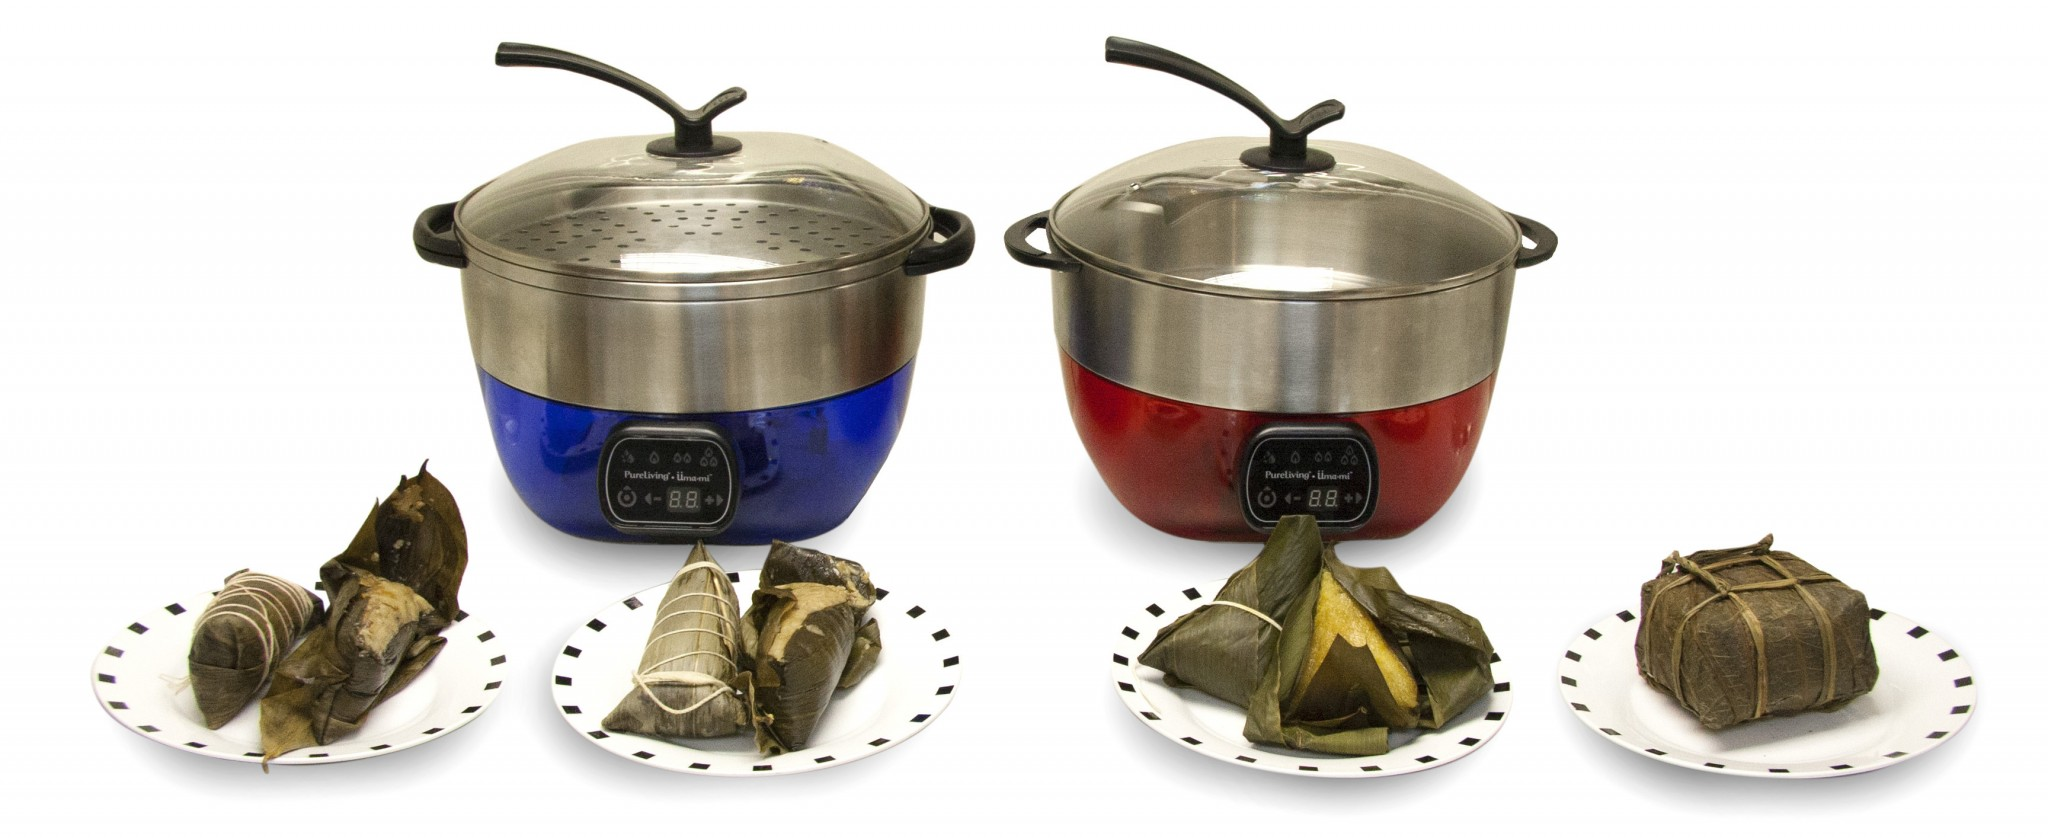 食出海鮮真‧味道  Umami 蒸海鮮鍋 蒸糉都得